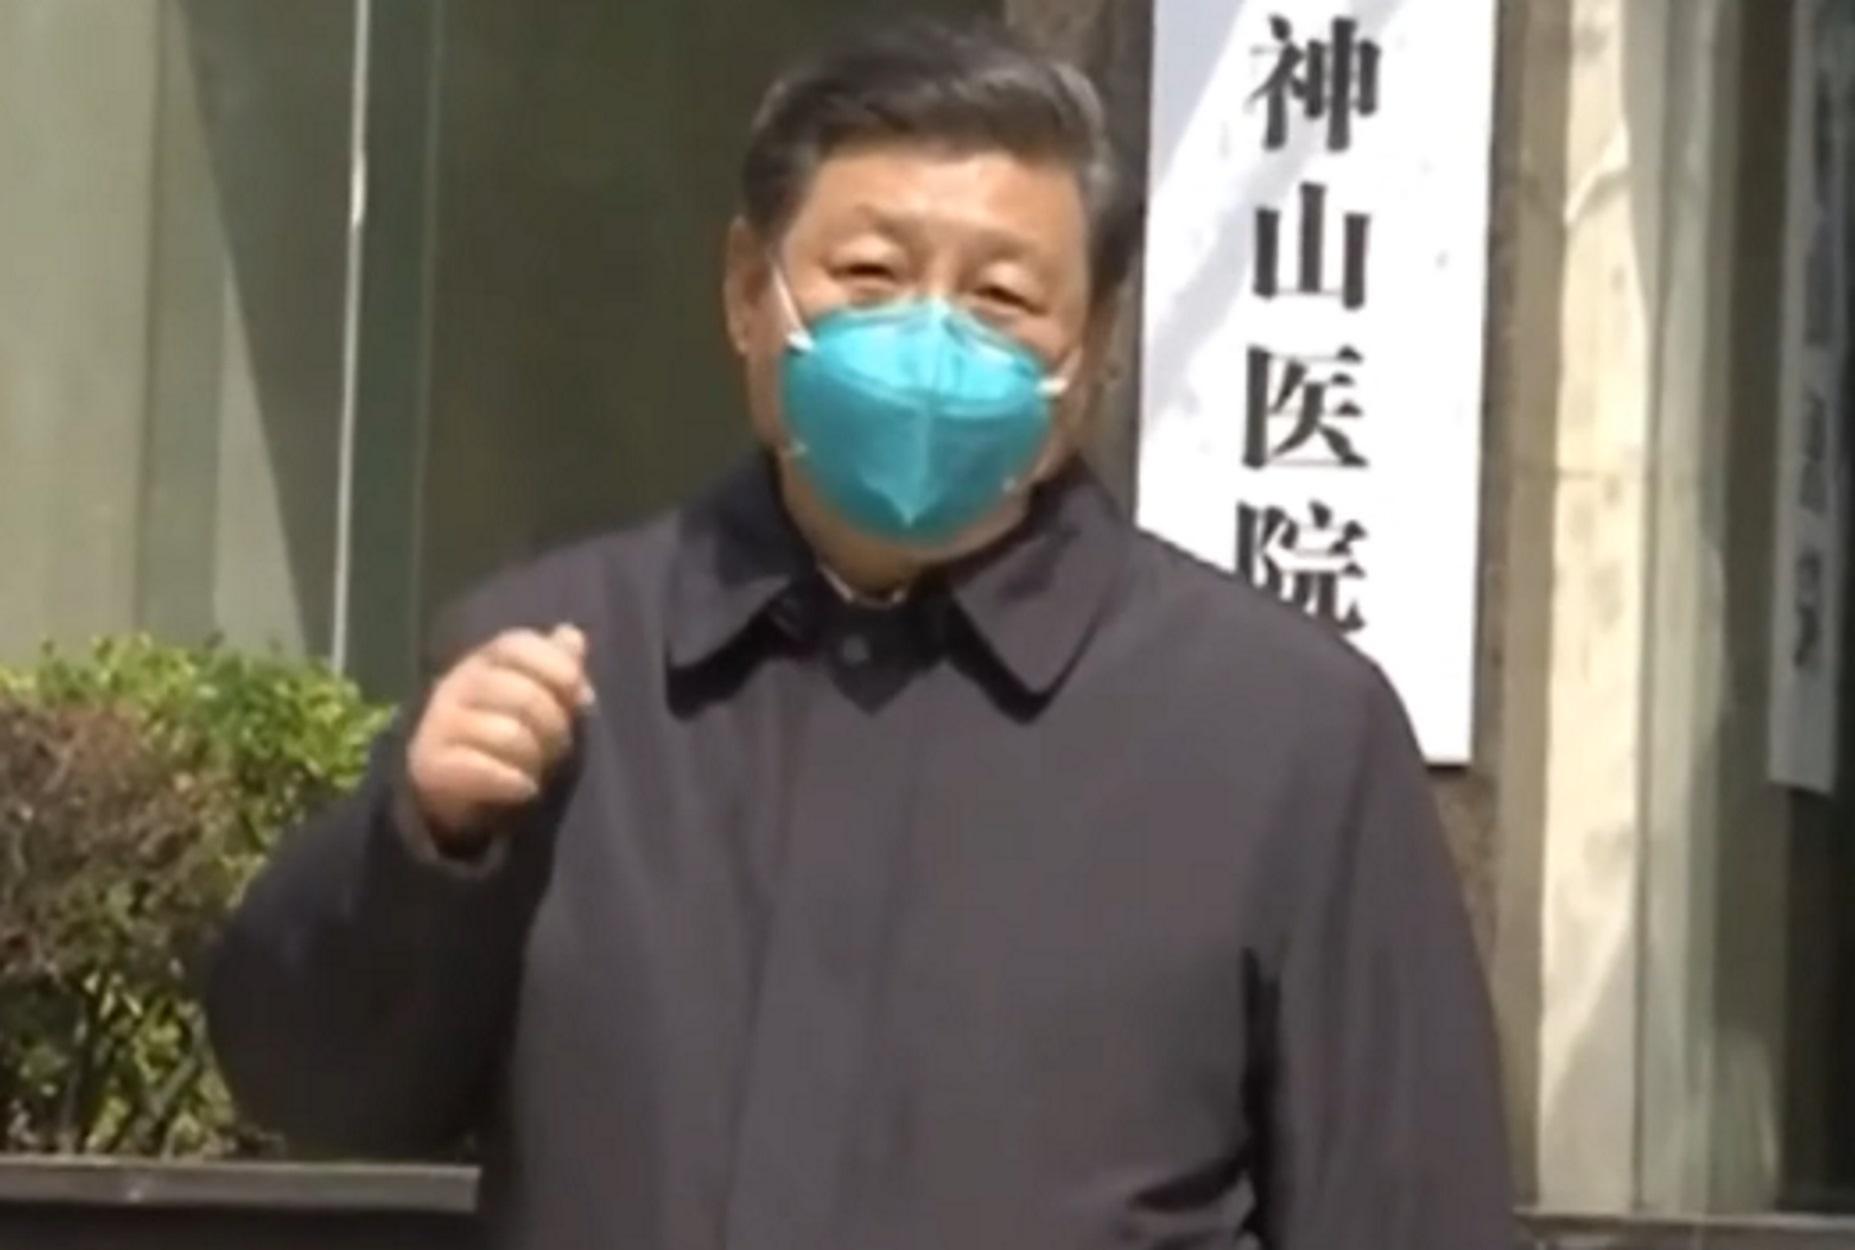 Κορονοϊός: Με μάσκα στην αποκλεισμένη Γουχάν για 1η φορά ο Σι Τζινπίνγκ! video